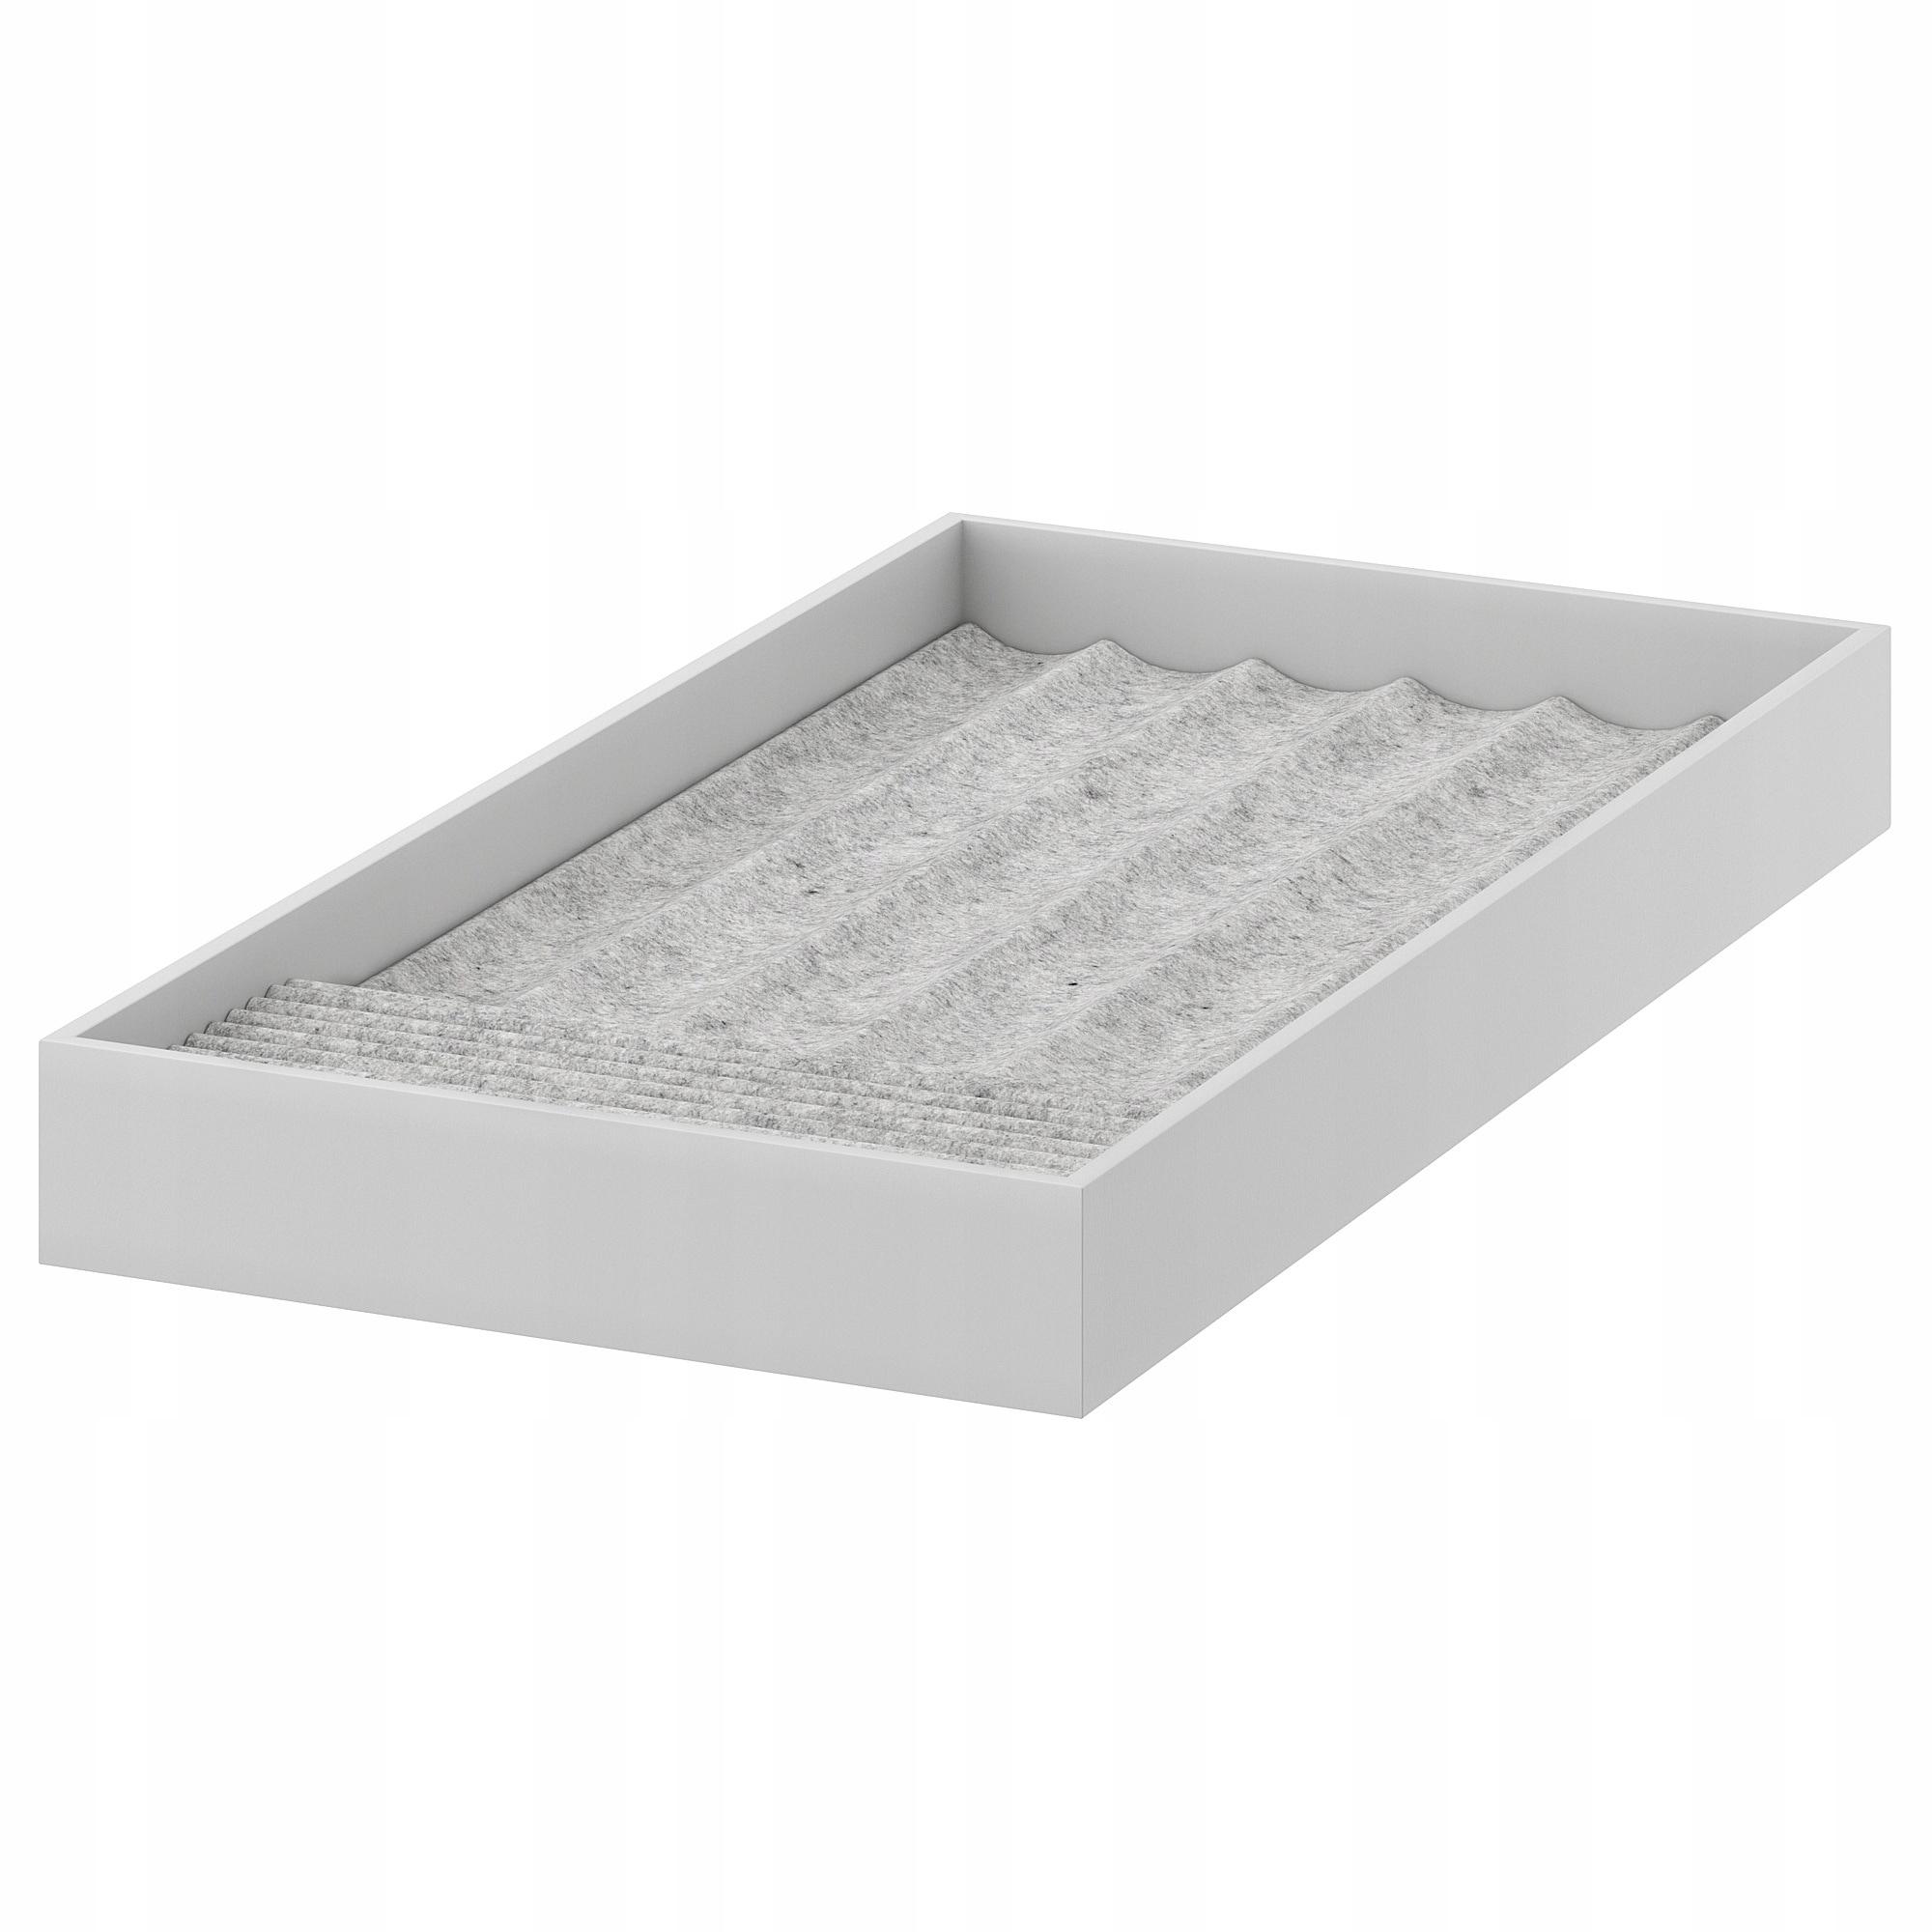 IKEA KOMPLEMENT Wkład na biżuterię jasnoszary